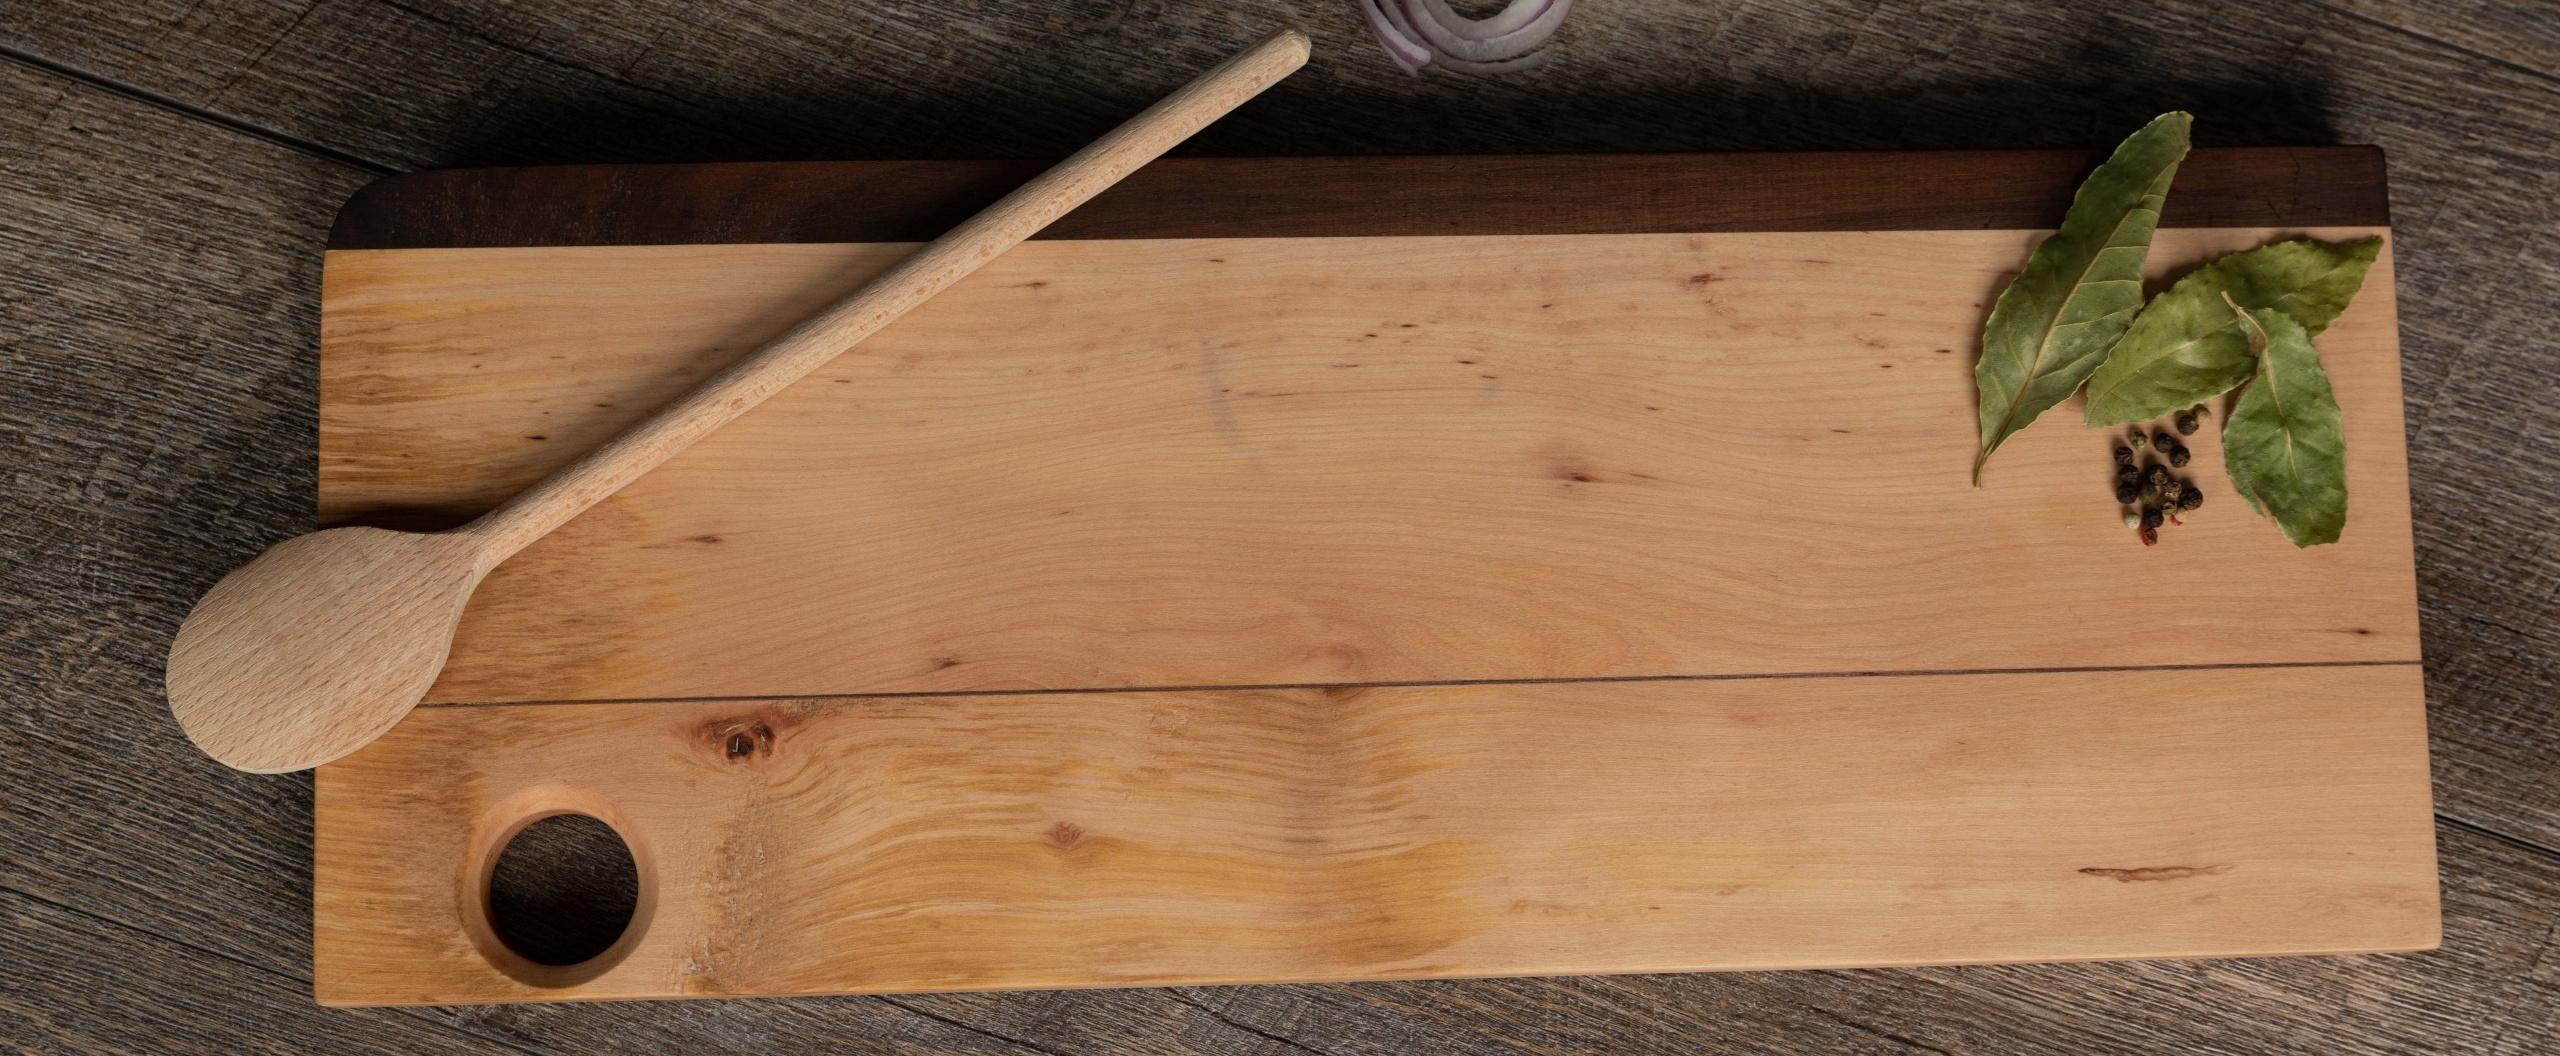 LOOX Wood-Luka Groblar